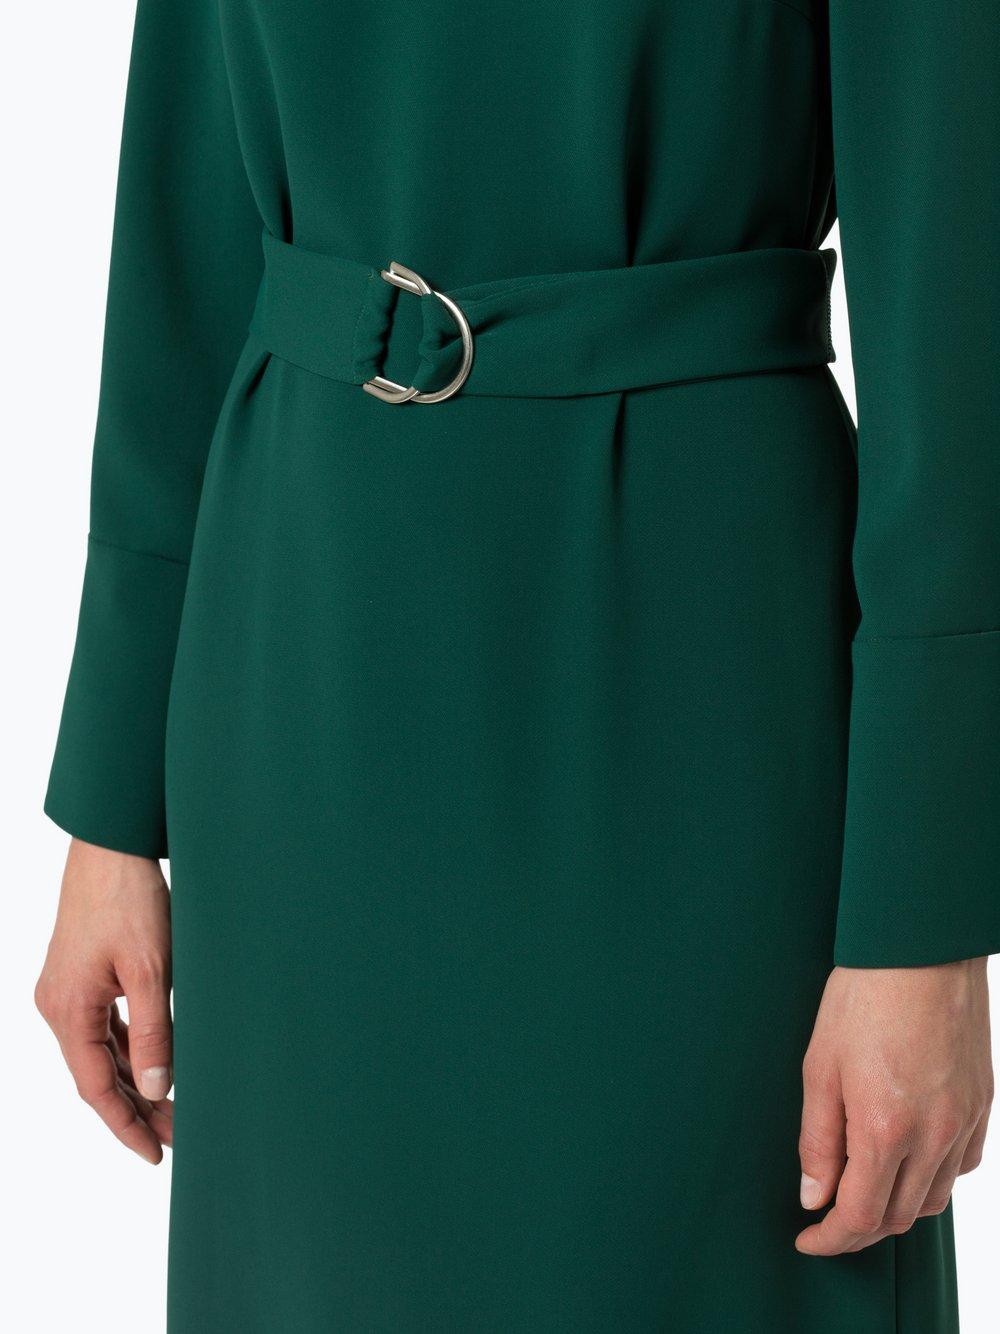 Apriori Damen Kleid Coordinates online kaufen   VANGRAAF.COM